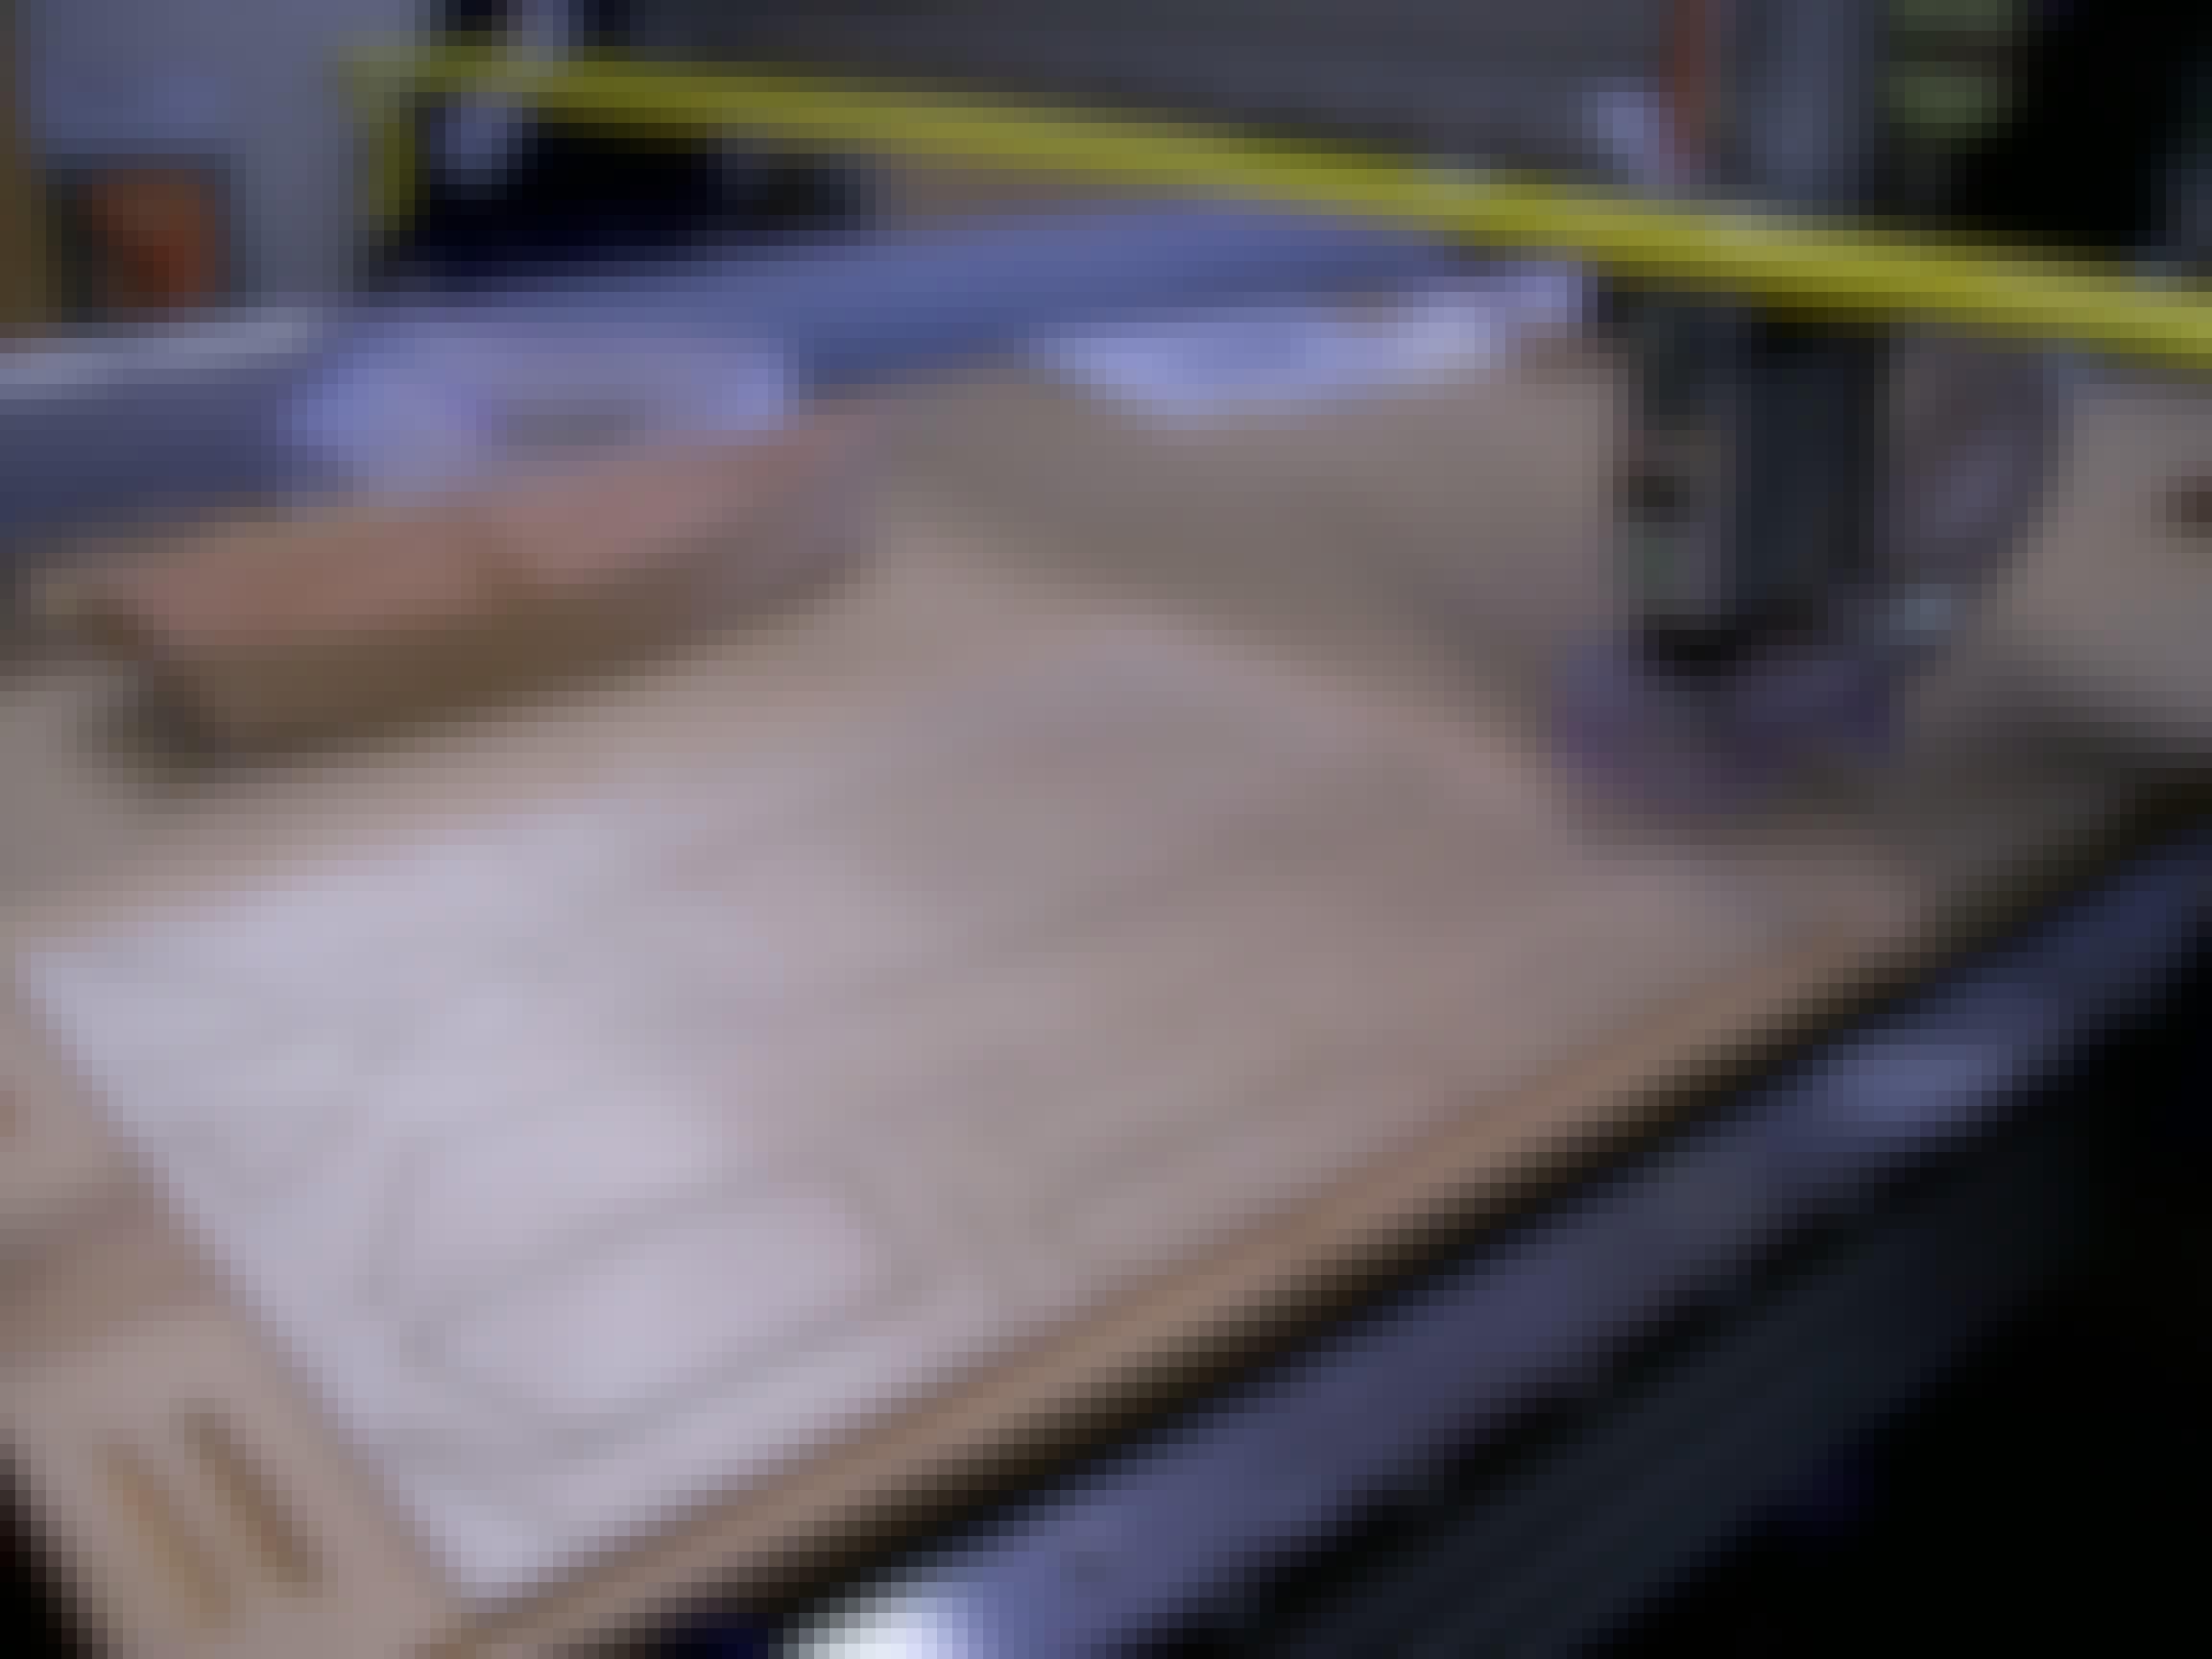 cnc machine cutting plywood